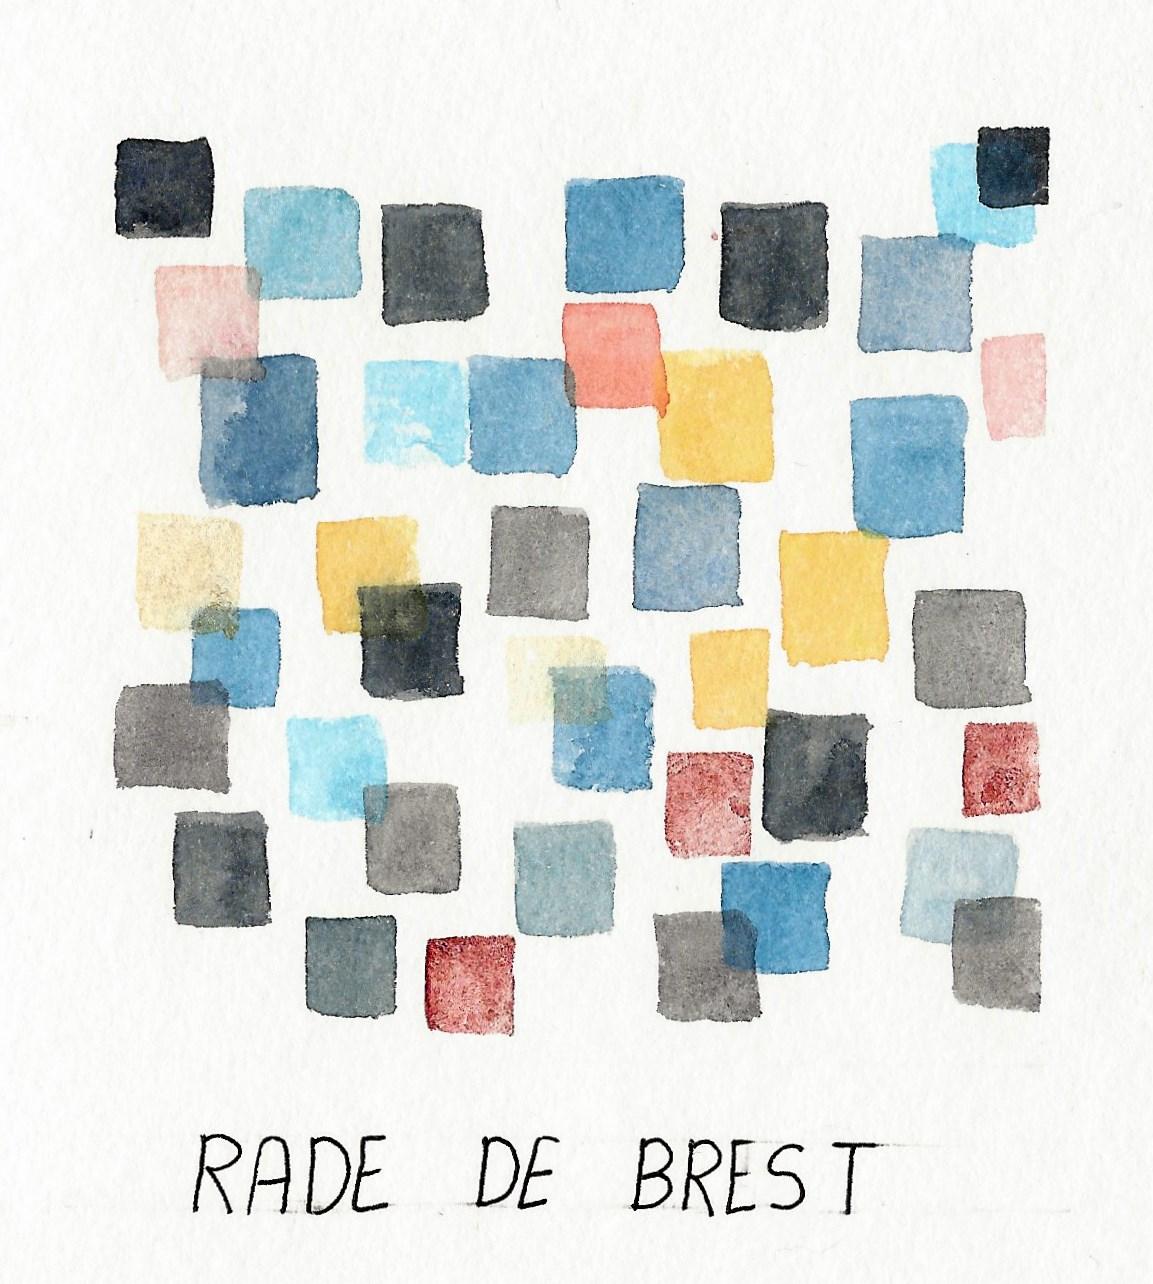 aquarelle abstraite, rade de brest, bretagne